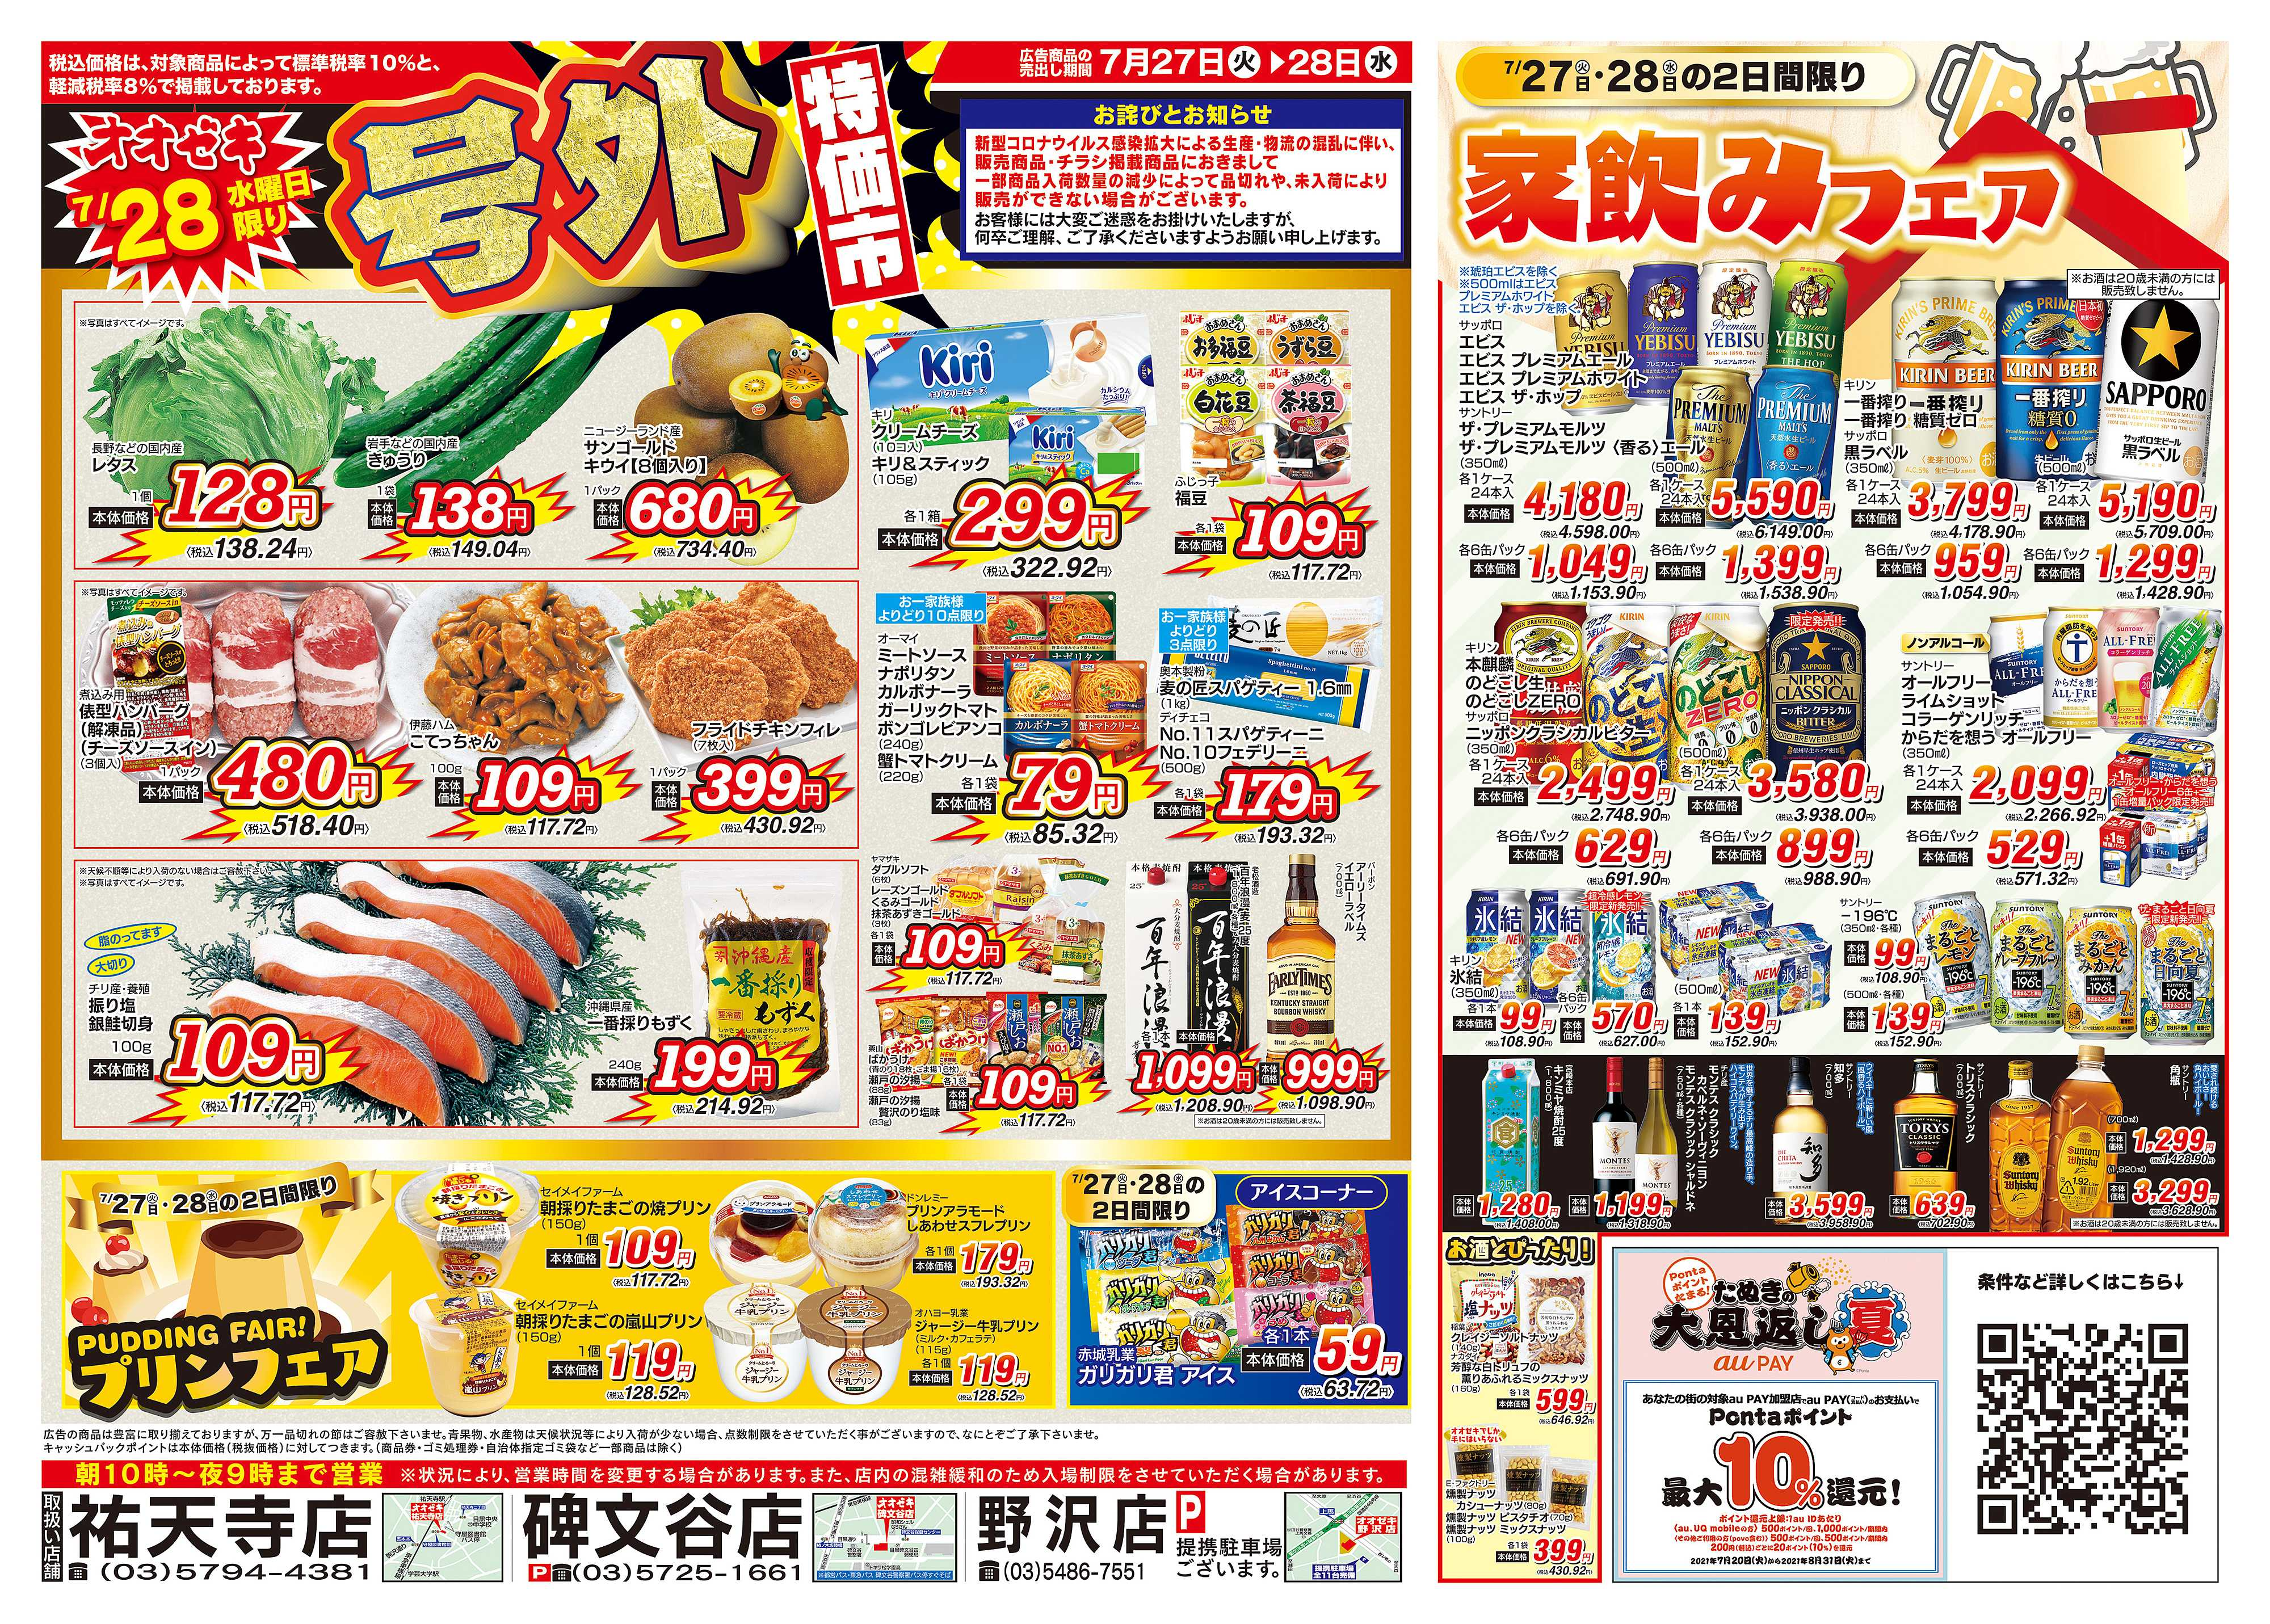 オオゼキ 7/27(火)~7/28(水)2日間限り 号外特価市